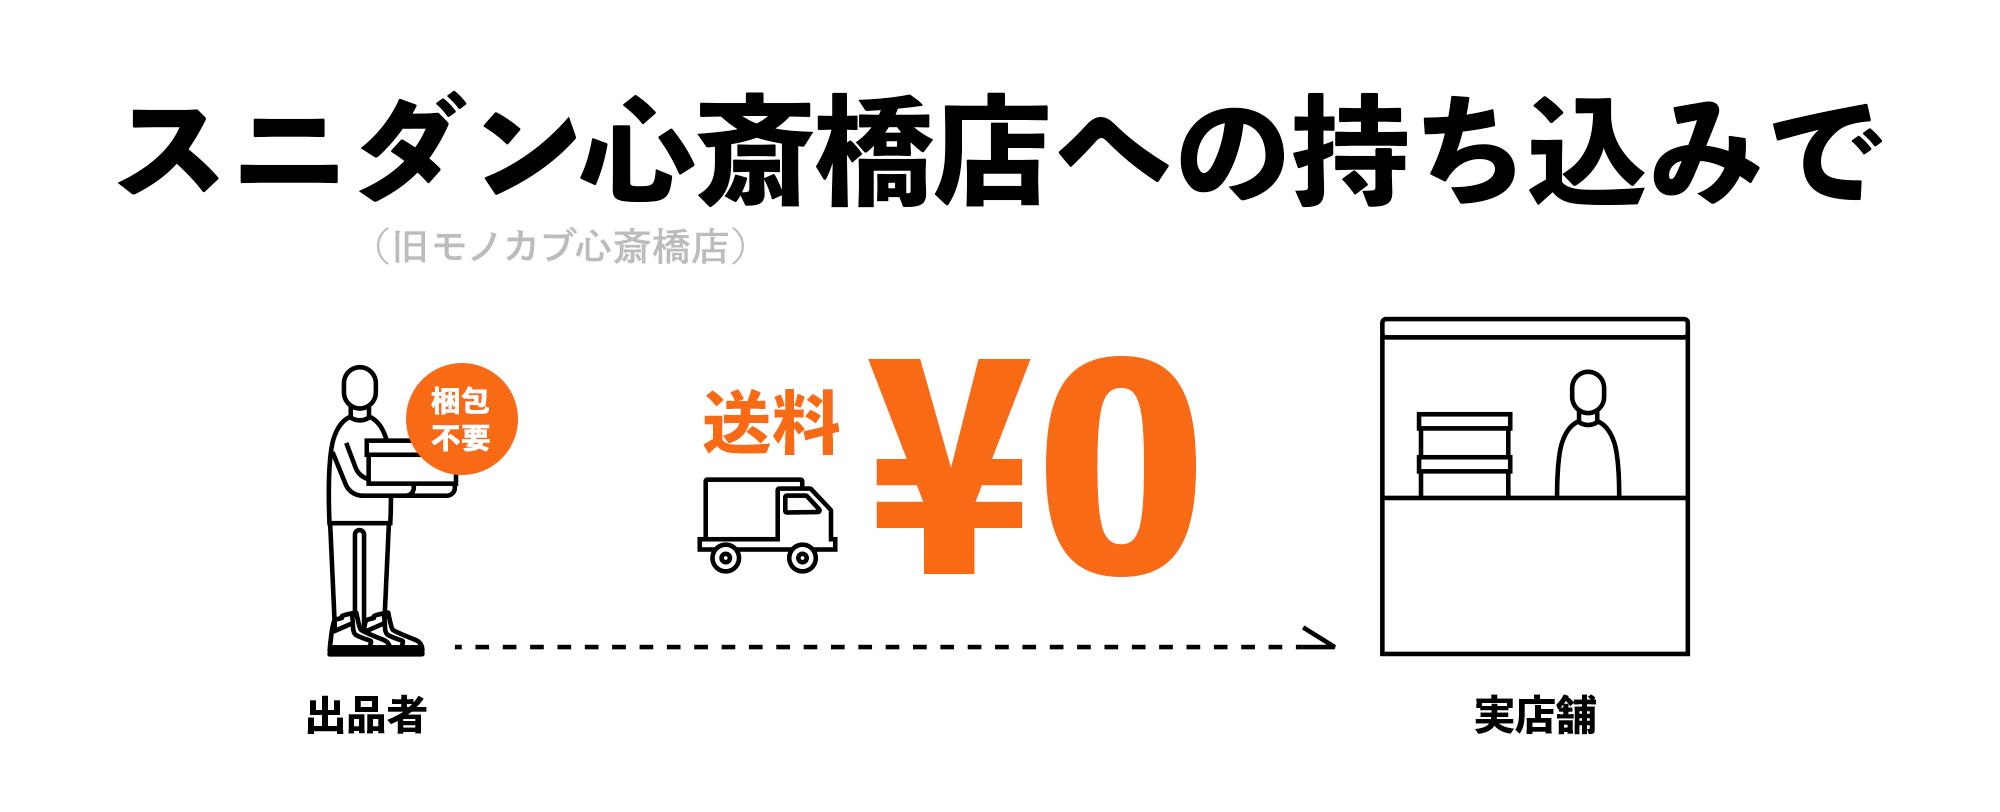 スニダン心斎橋店 メリット